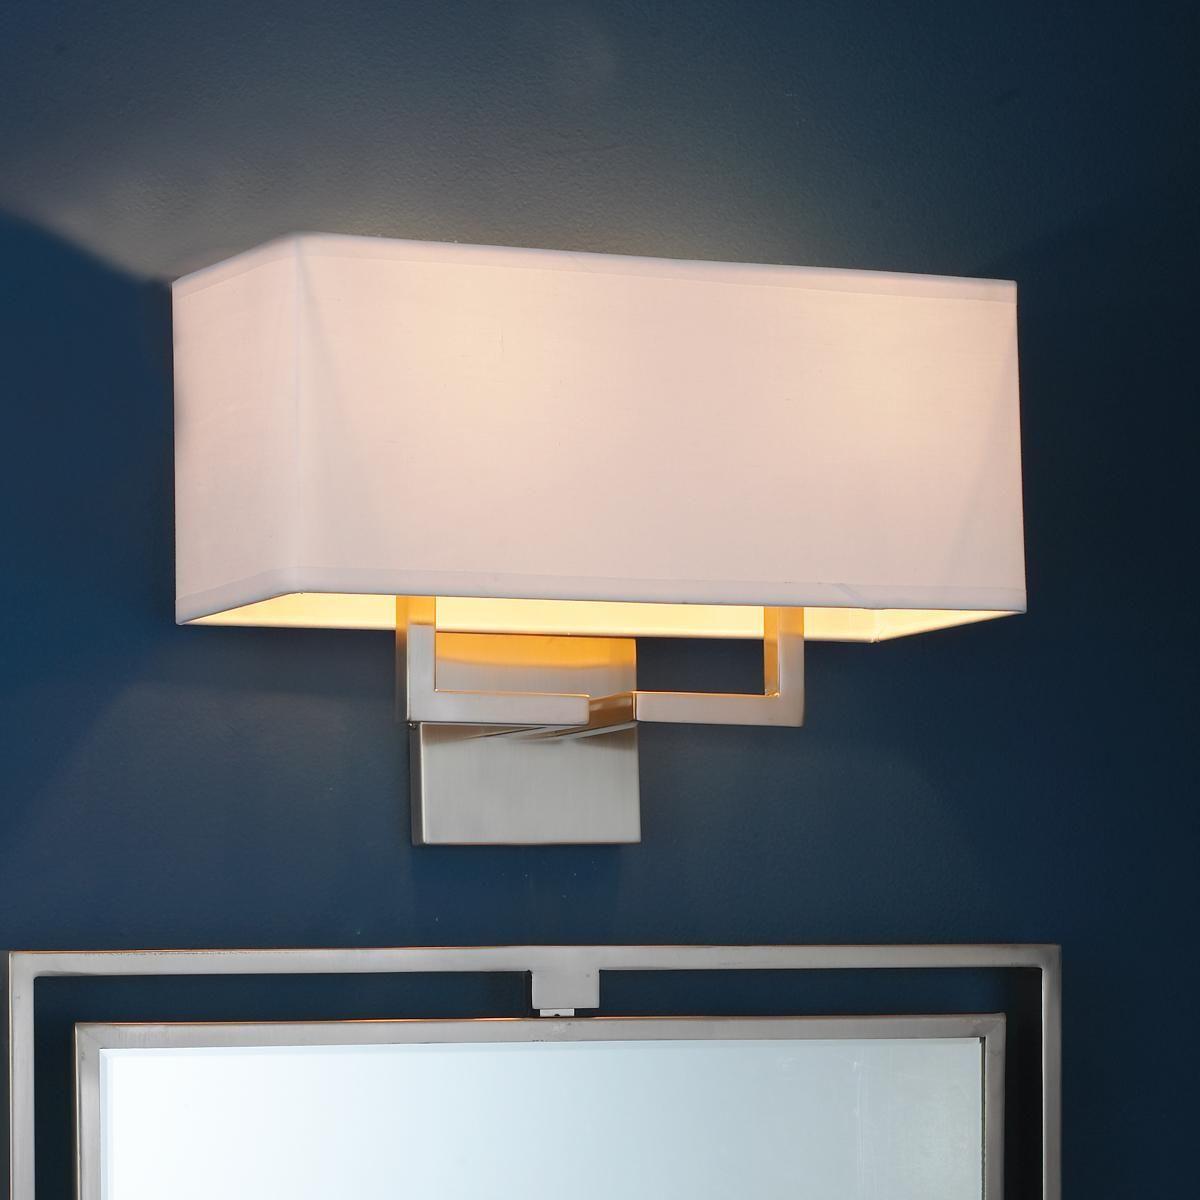 Uptown Bath Light - 2 light | Pinterest | Bath light, Bath and ...